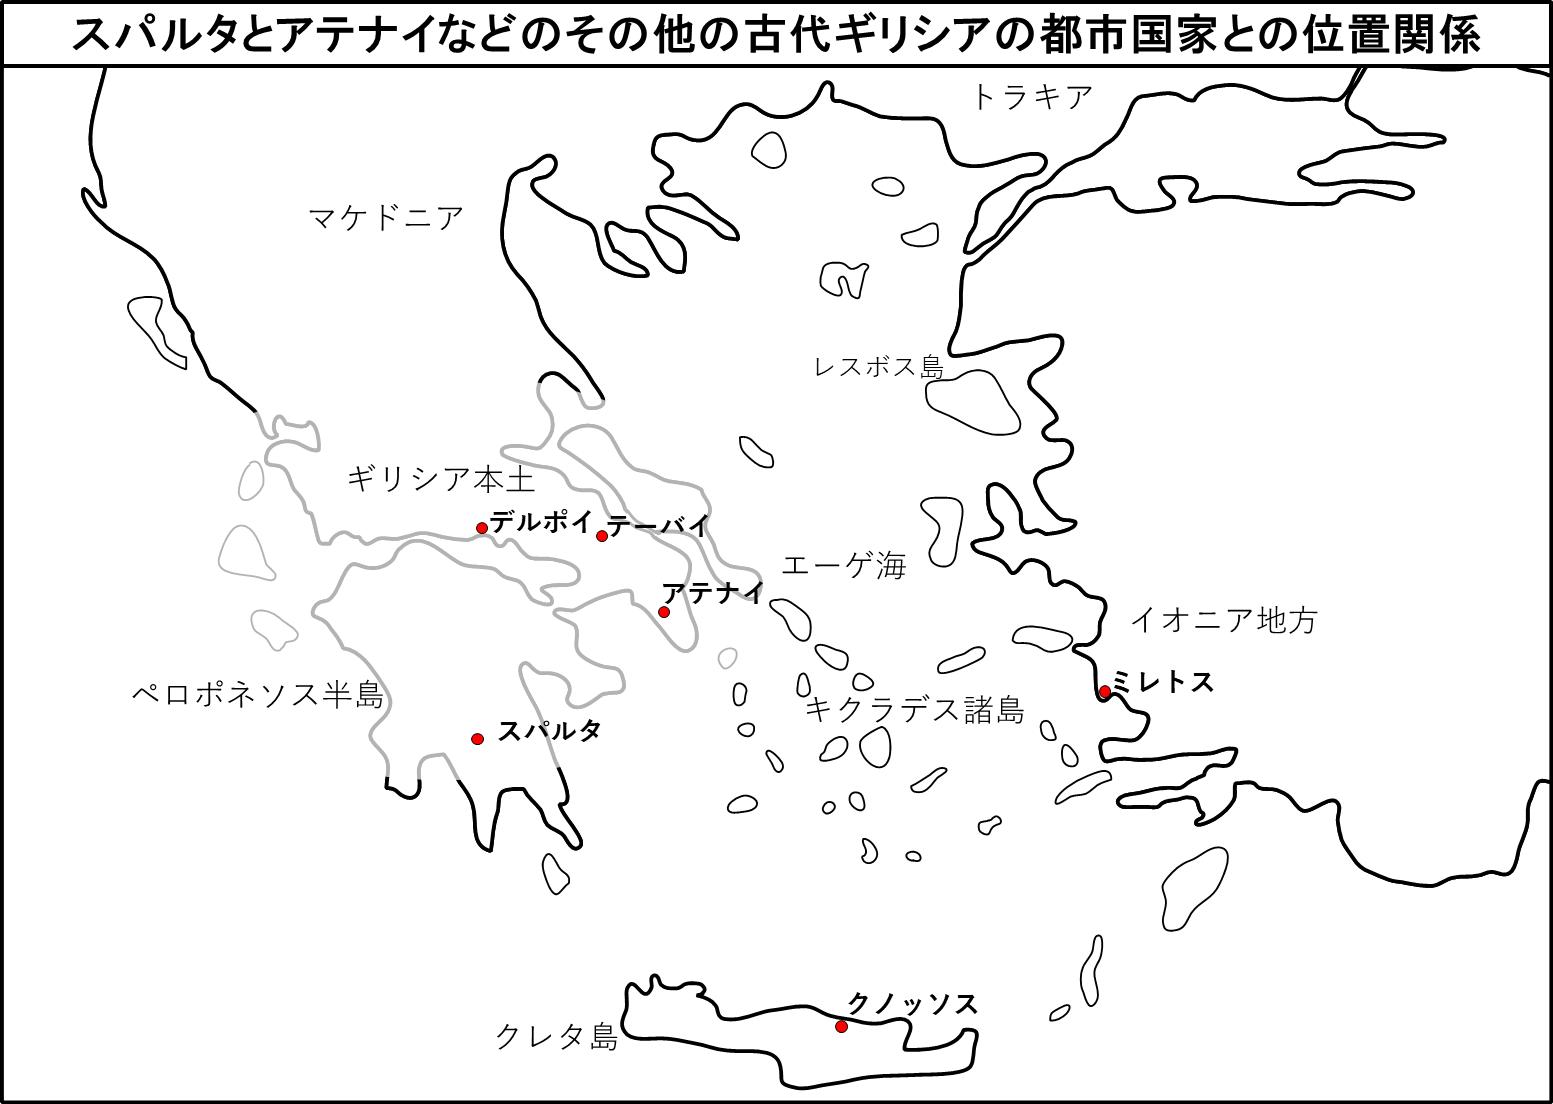 スパルタとアテナイなどのその他の古代ギリシアの都市国家との位置関係